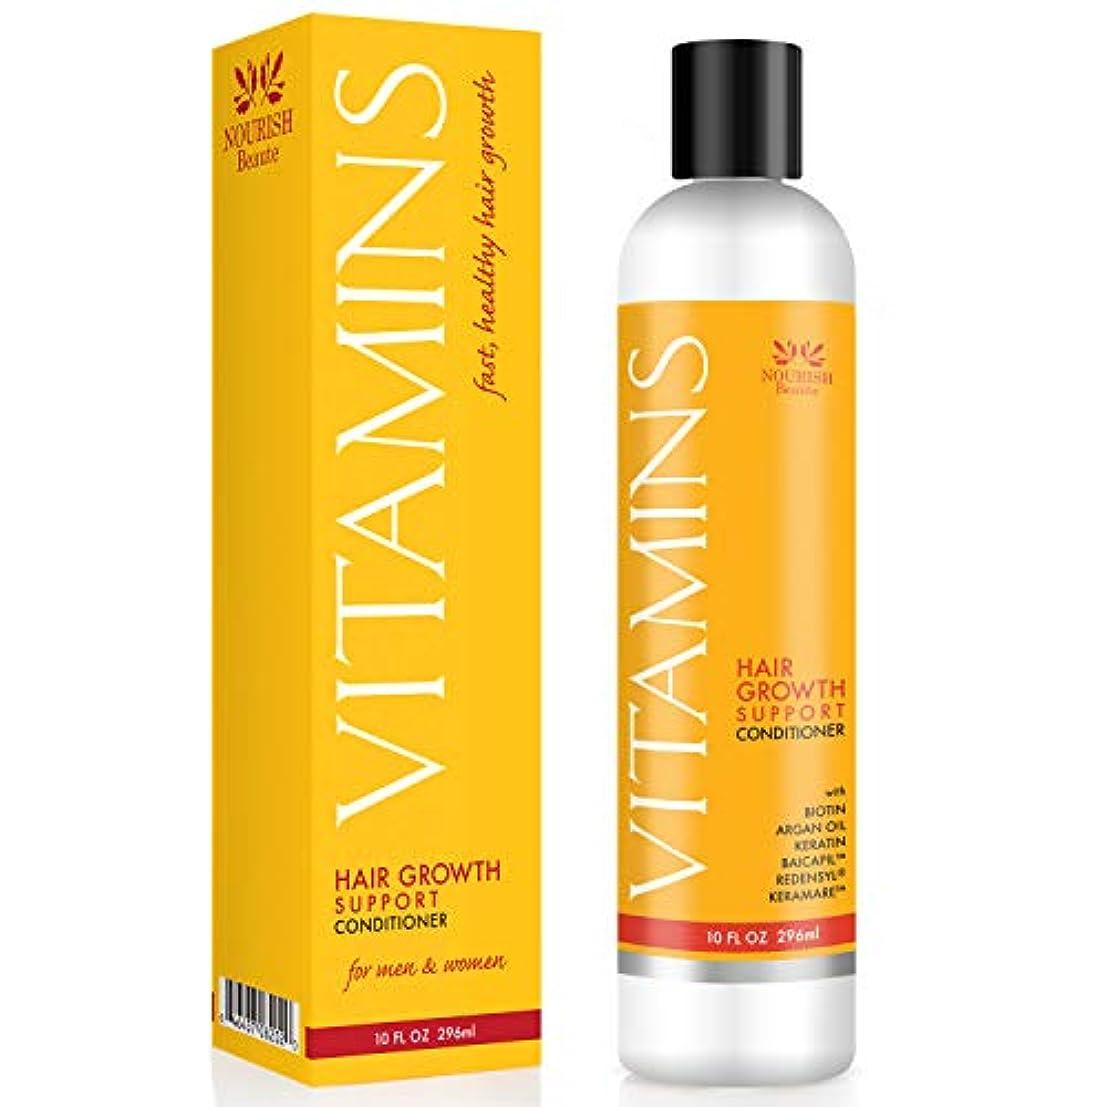 糞ハリケーン牛肉Vitamins - オーガニック 脱毛トリートメント コンディショナー Organic Hair Loss Treatment and Conditioner, 10 Ounce (296ml)